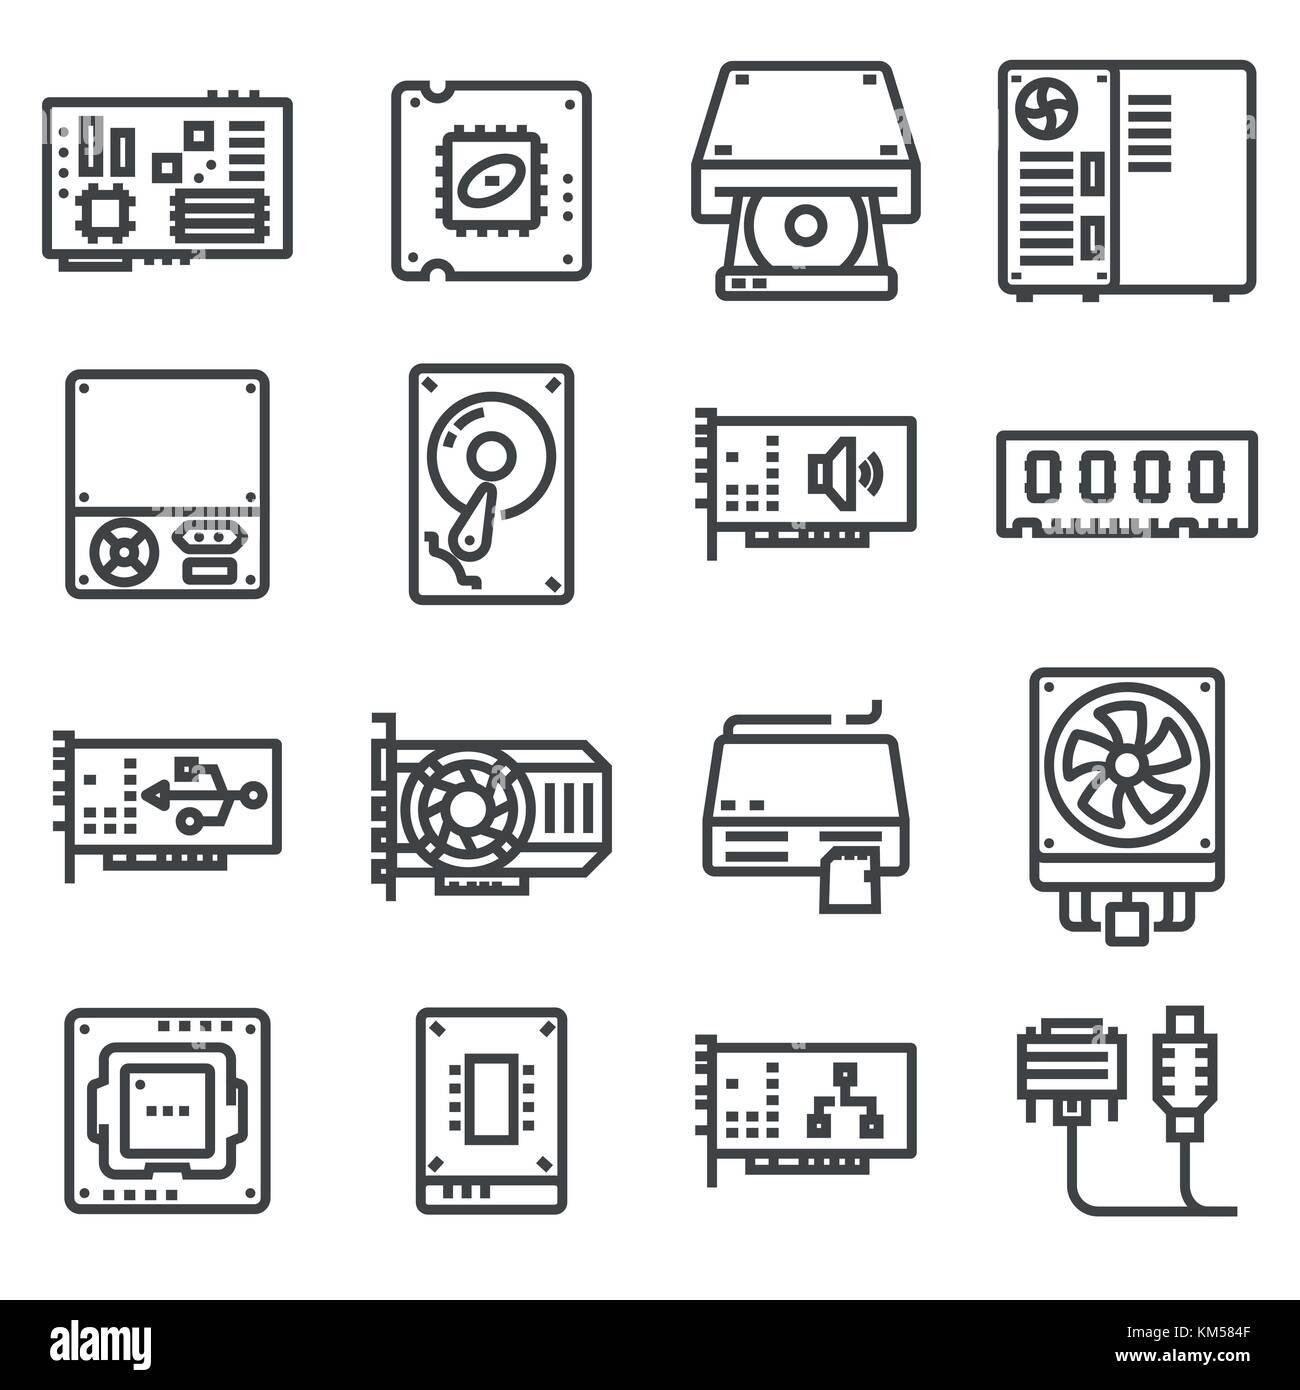 Großzügig Symbole Für Komponenten Galerie - Schaltplan Serie Circuit ...